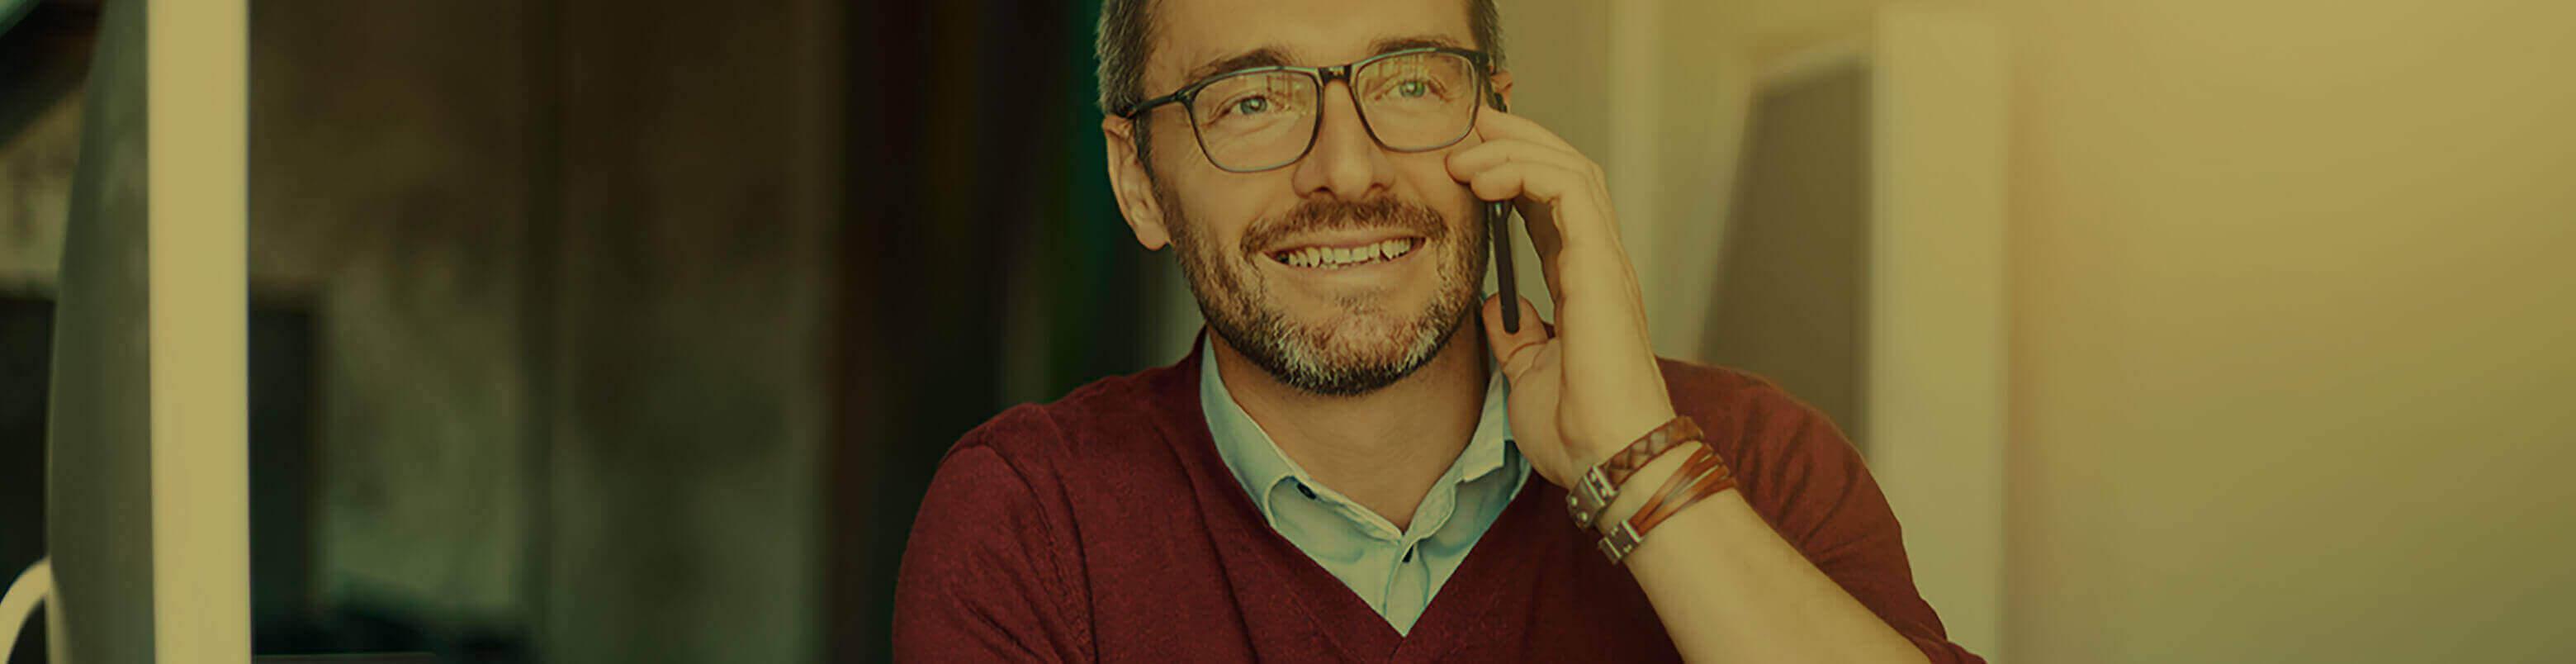 man in glasses in Fort Smith Arkansas